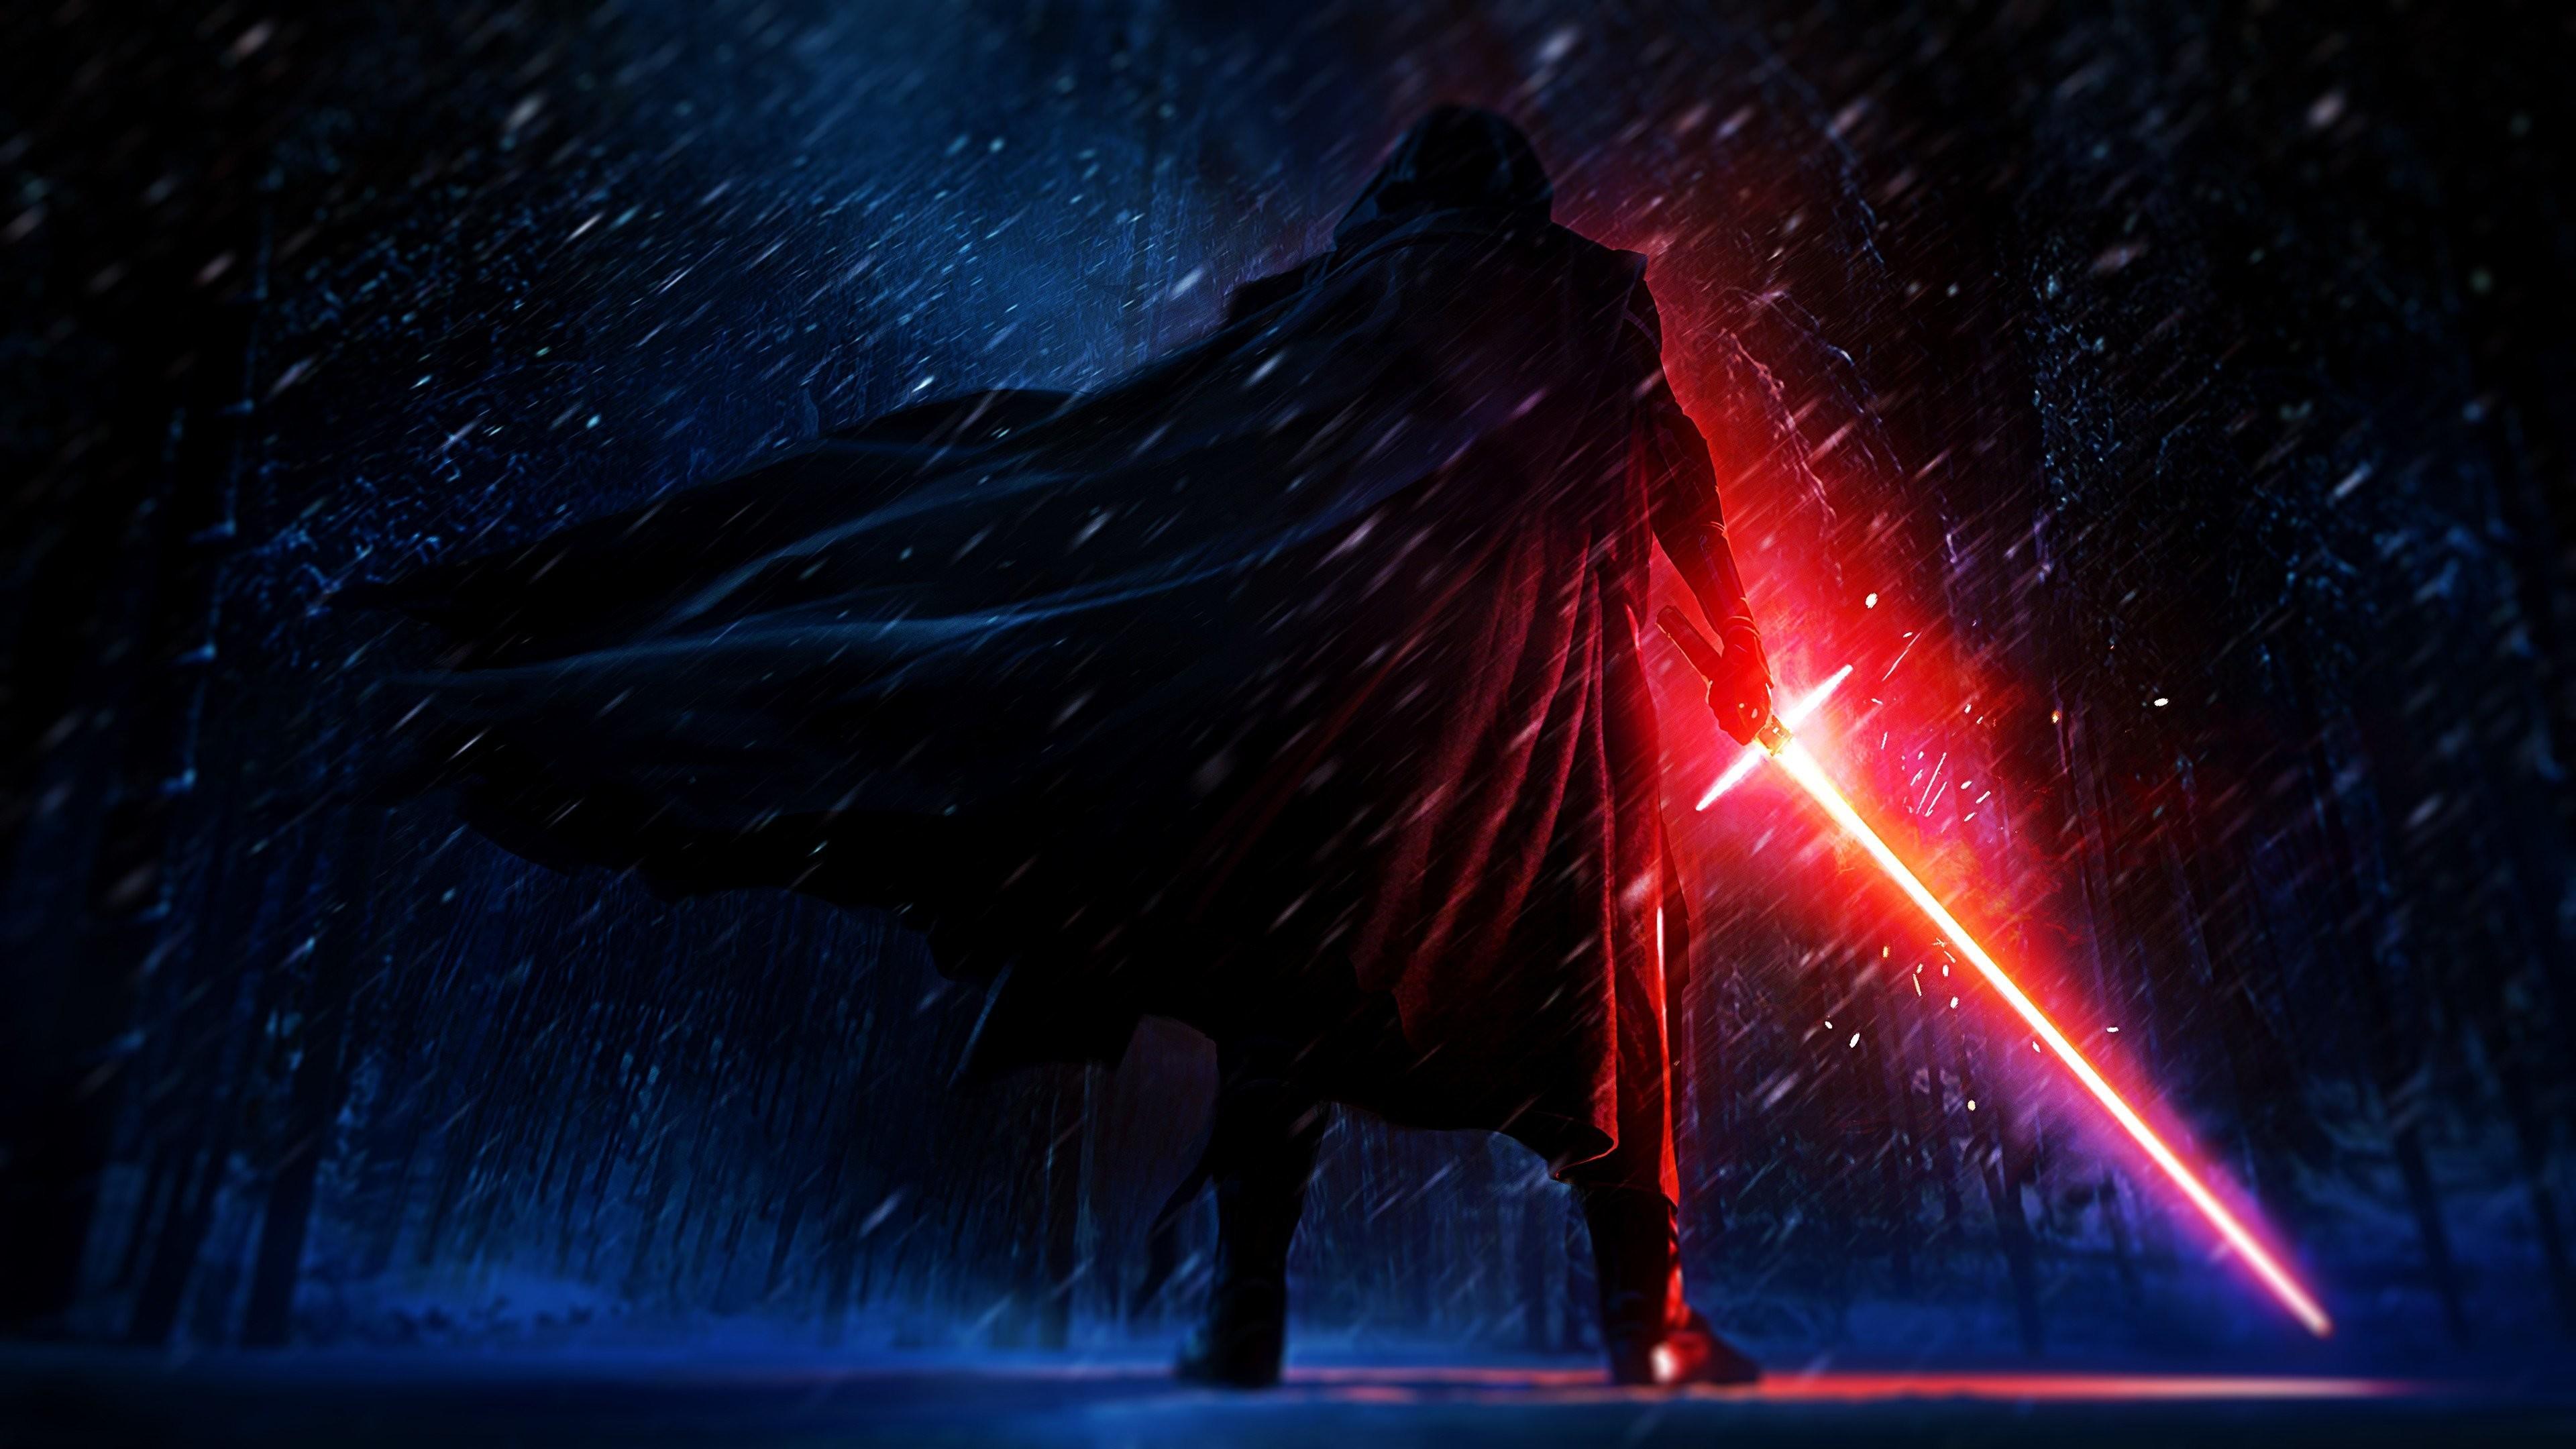 Star Wars Kylo Ren Wallpaper 67 Images